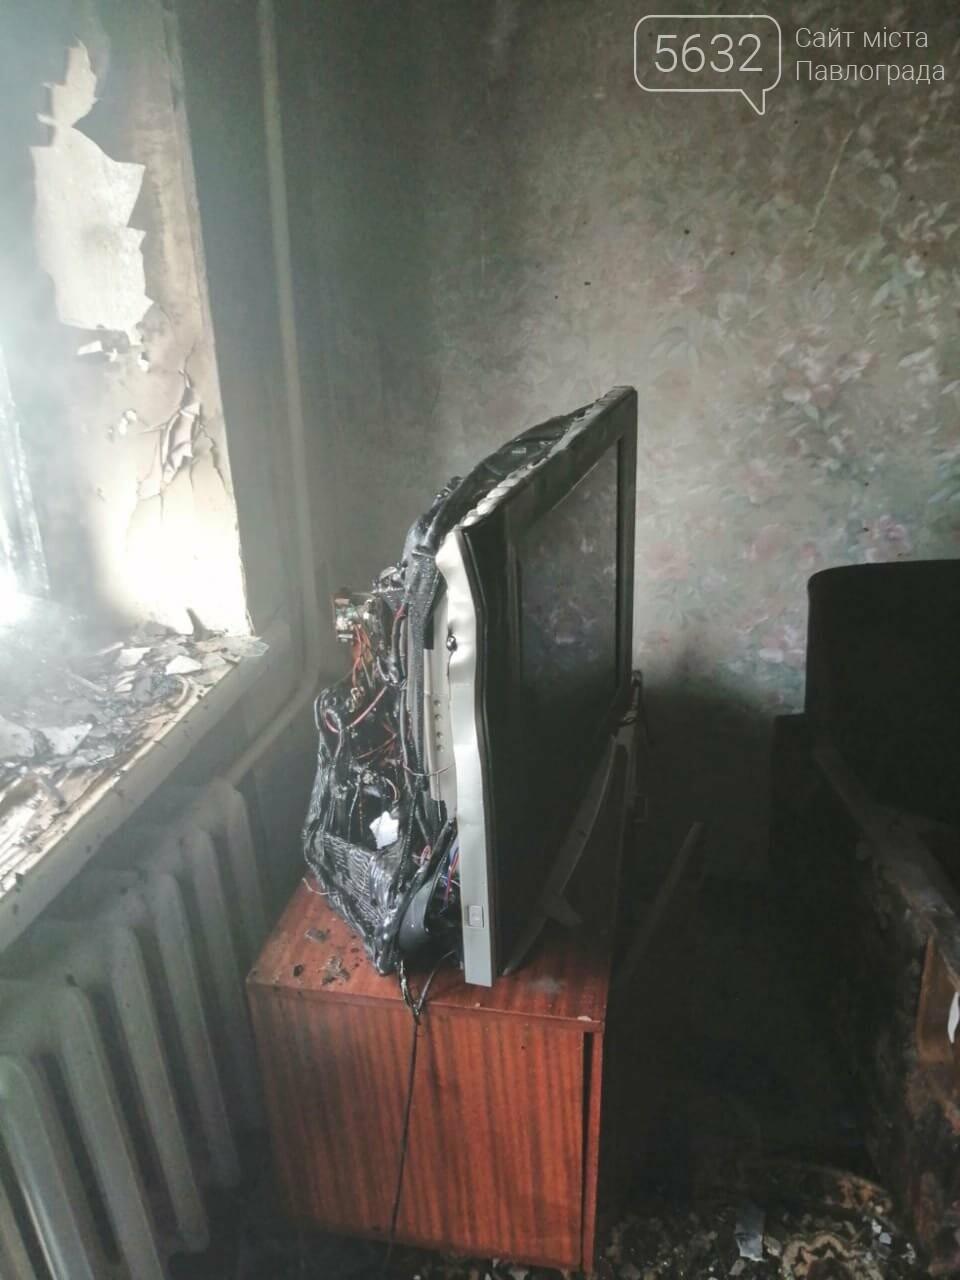 В Павлограде пожарные тушили возгорание в многоэтажке, фото-3